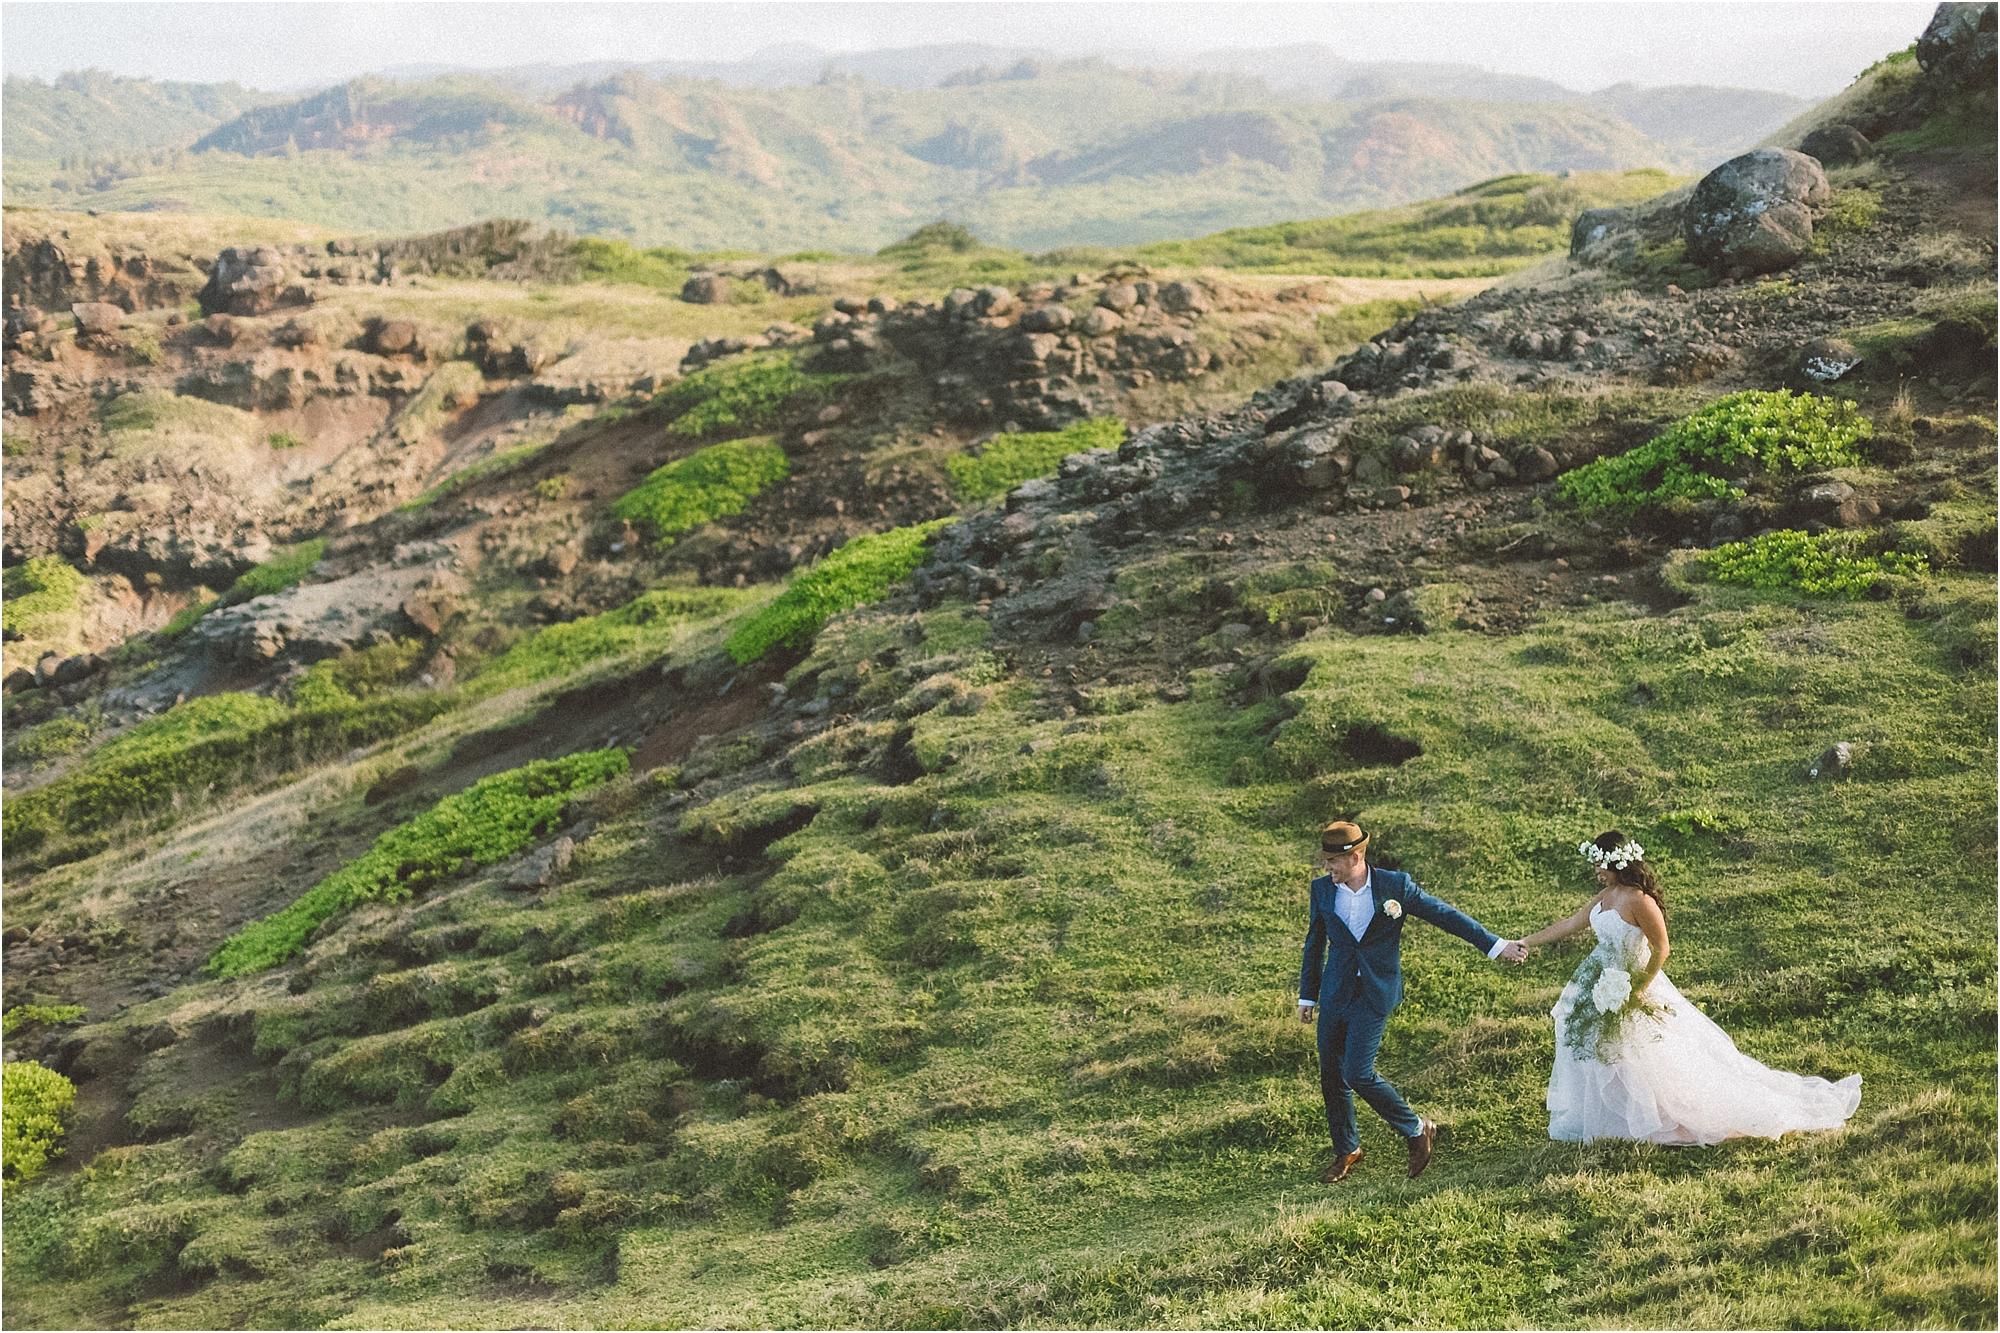 angie-diaz-photography-maui-wedding-nakalele-blowhole_0009.jpg